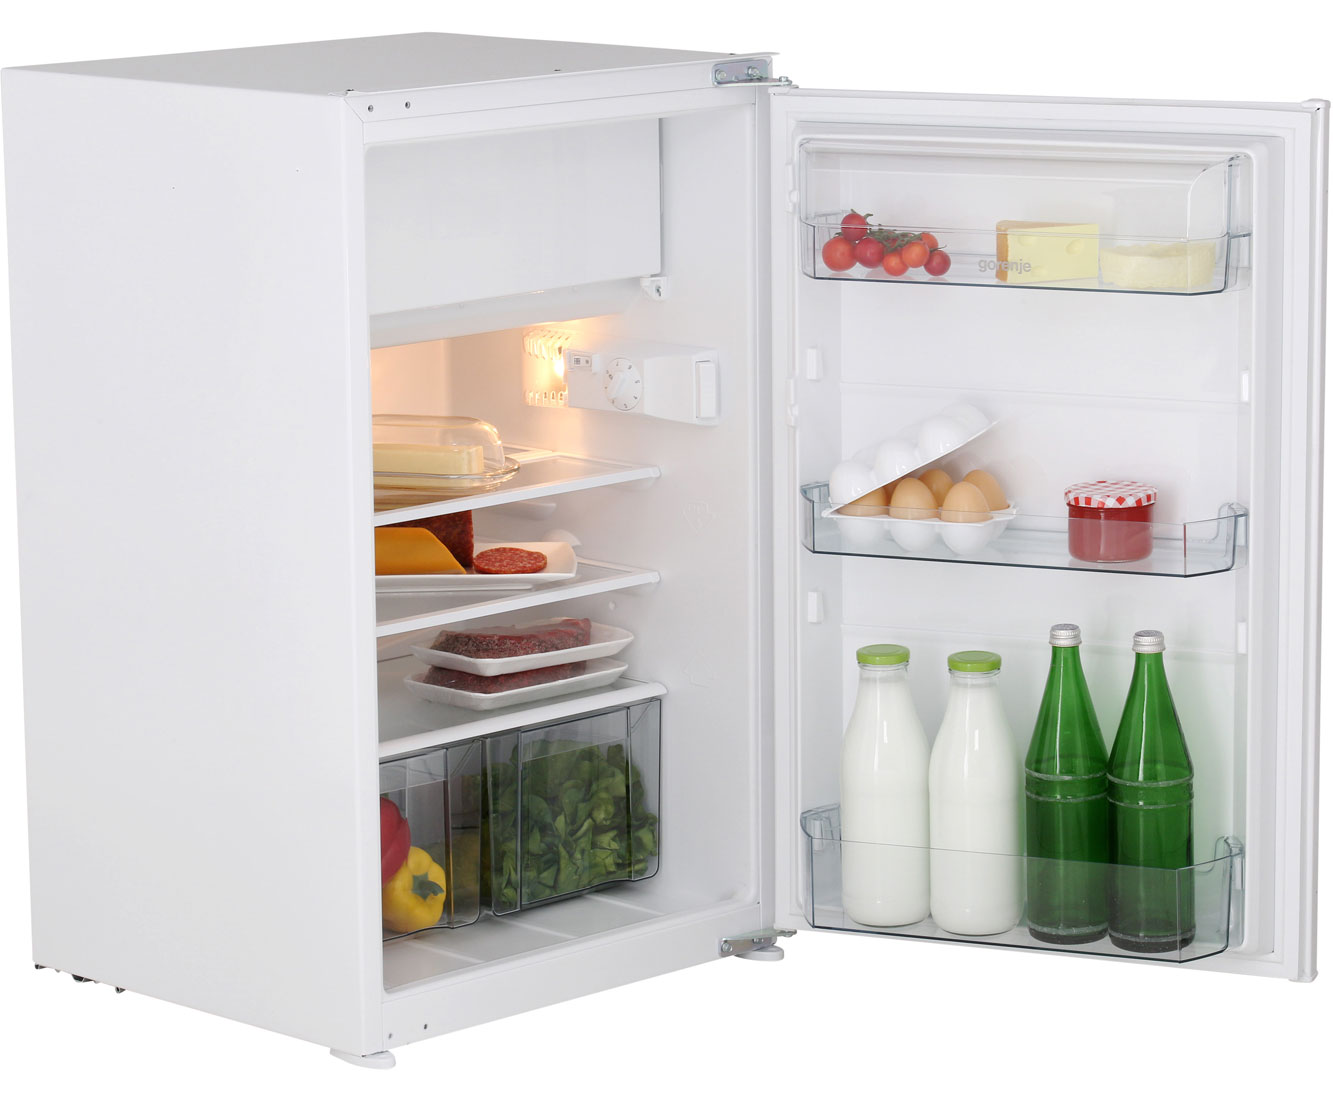 Gorenje RBI 4093 AW Einbau-Kühlschrank mit Gefrierfach - 88er Nische ...